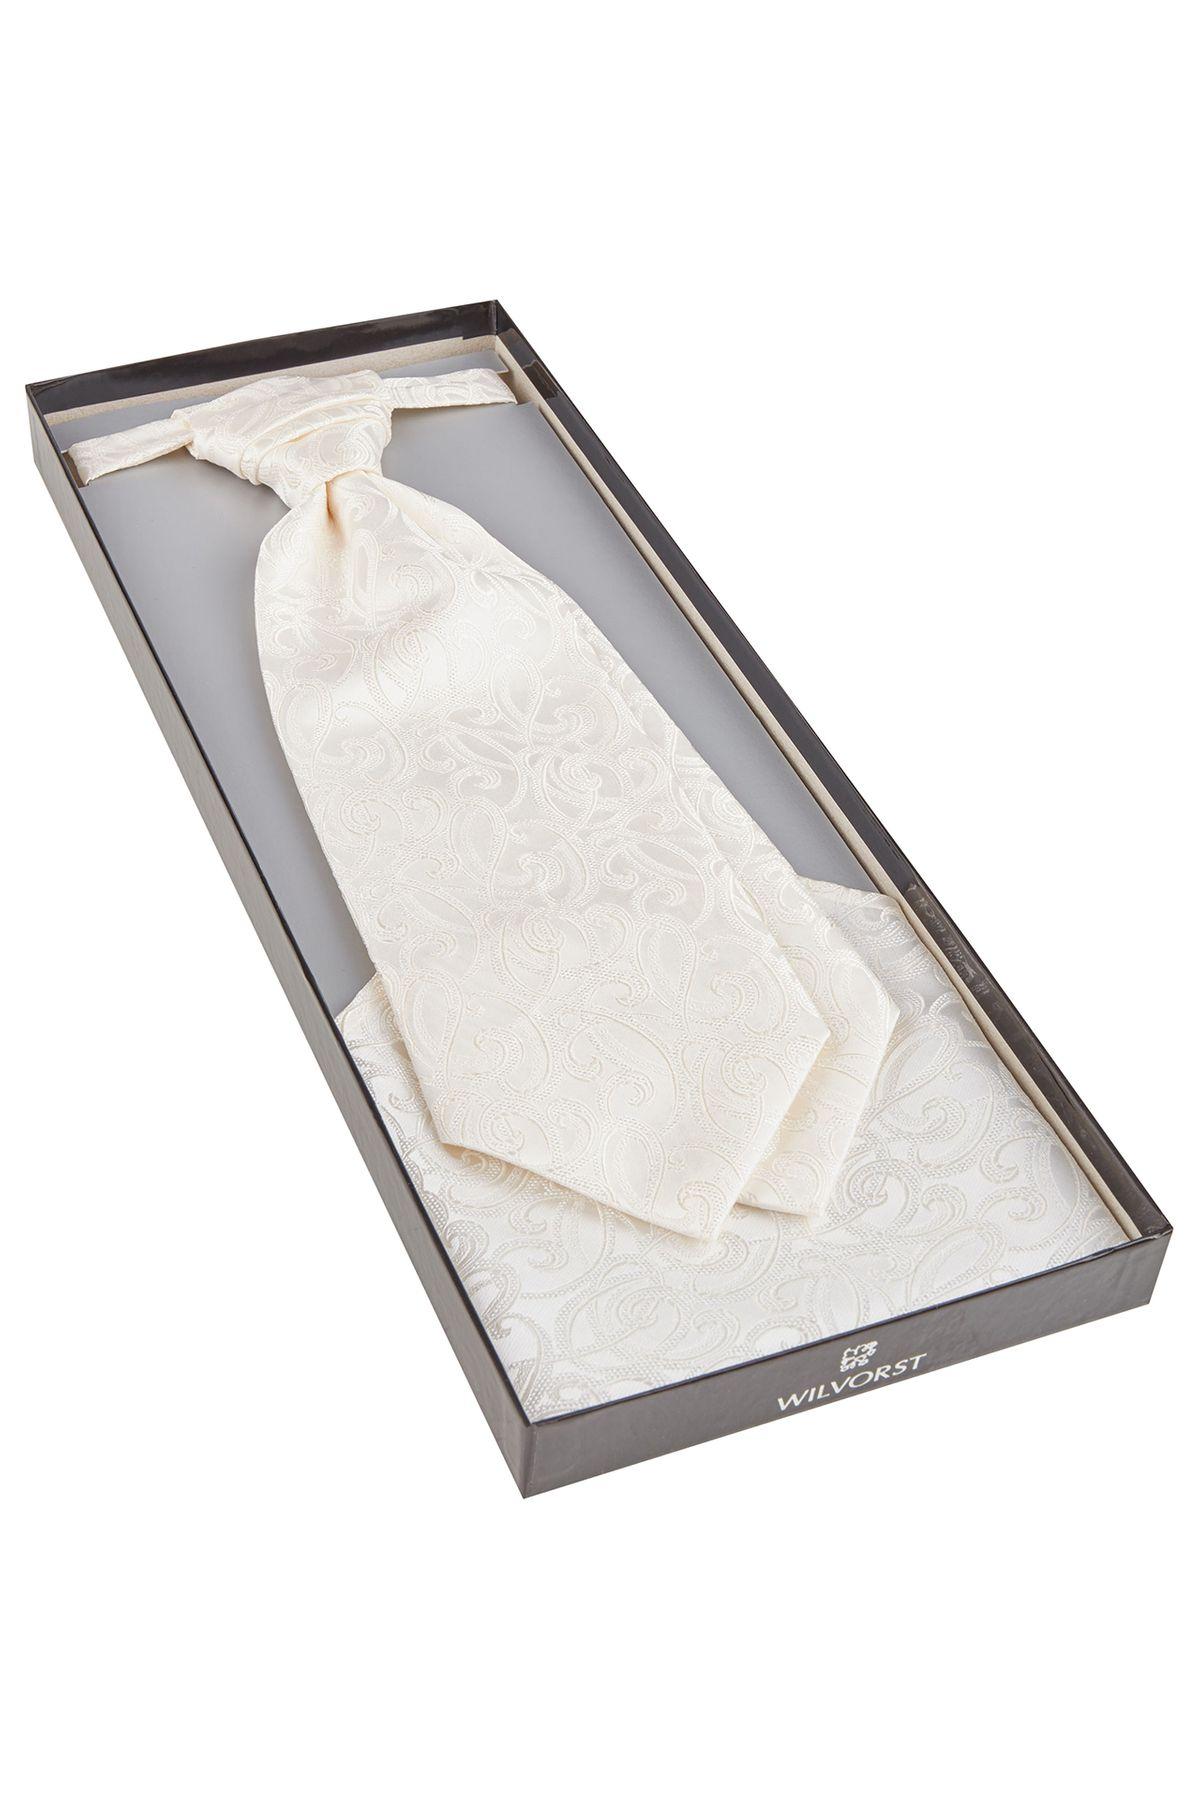 Wilvorst - Festliches Krawattenplastron/Tuch in creme (407204/82 Modell 0612) – Bild 2